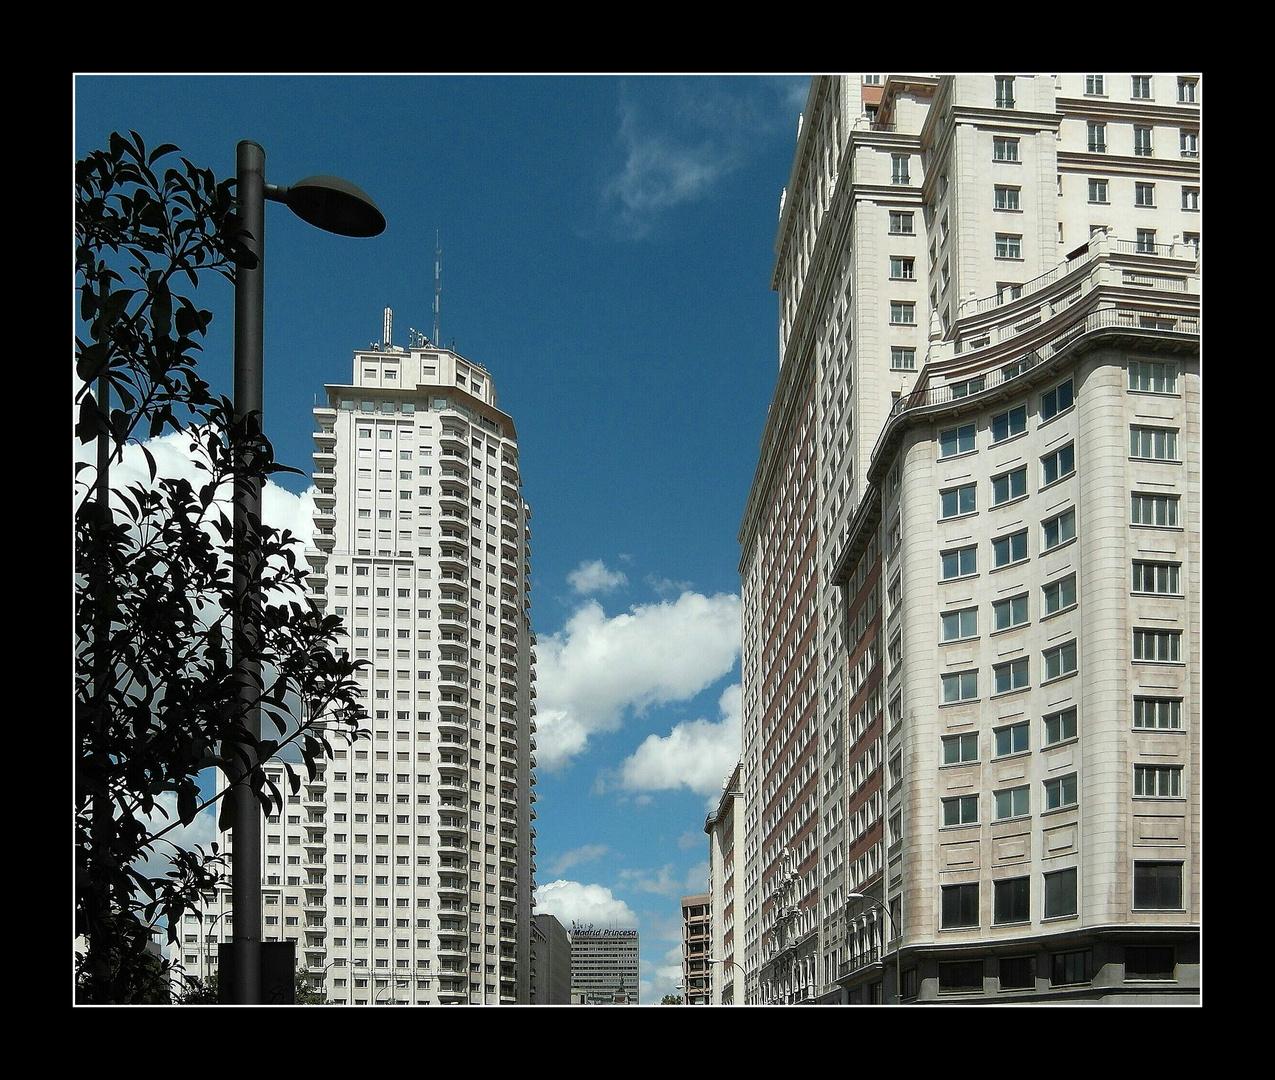 - Plaza de Espana -